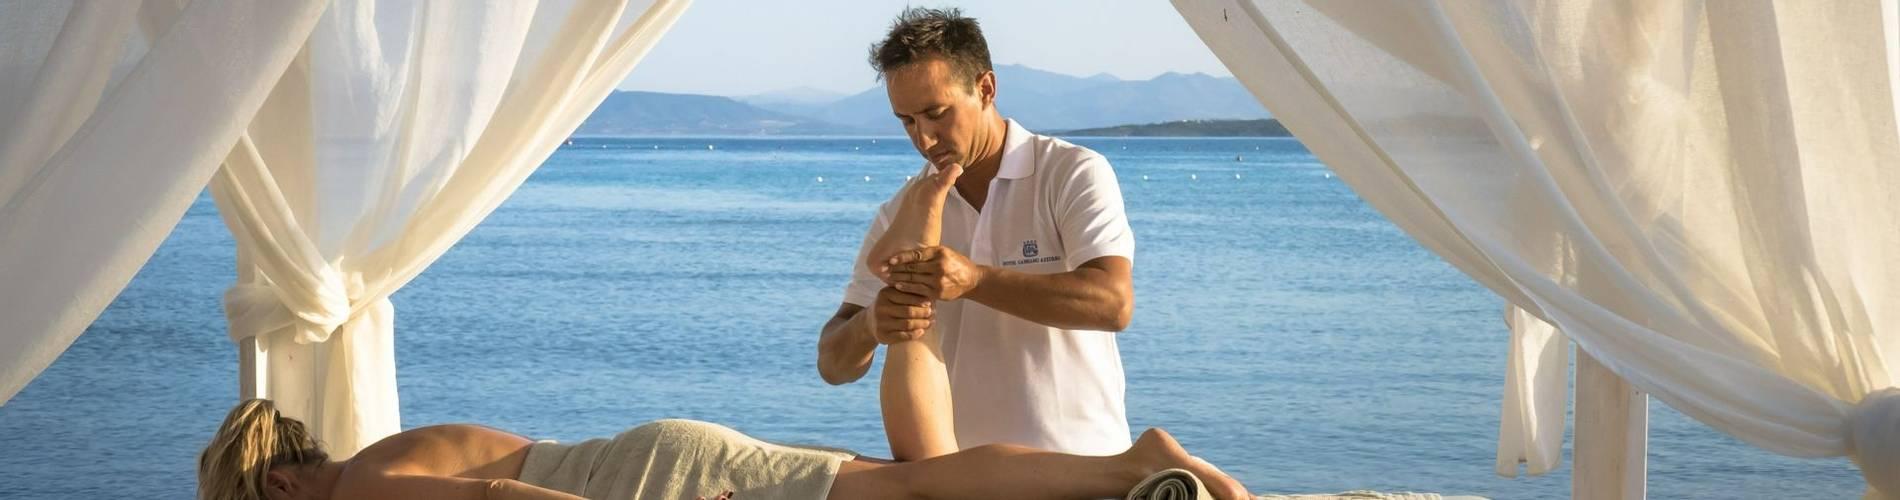 14 Massage service _ Golfo Aranci Sardegna.jpg